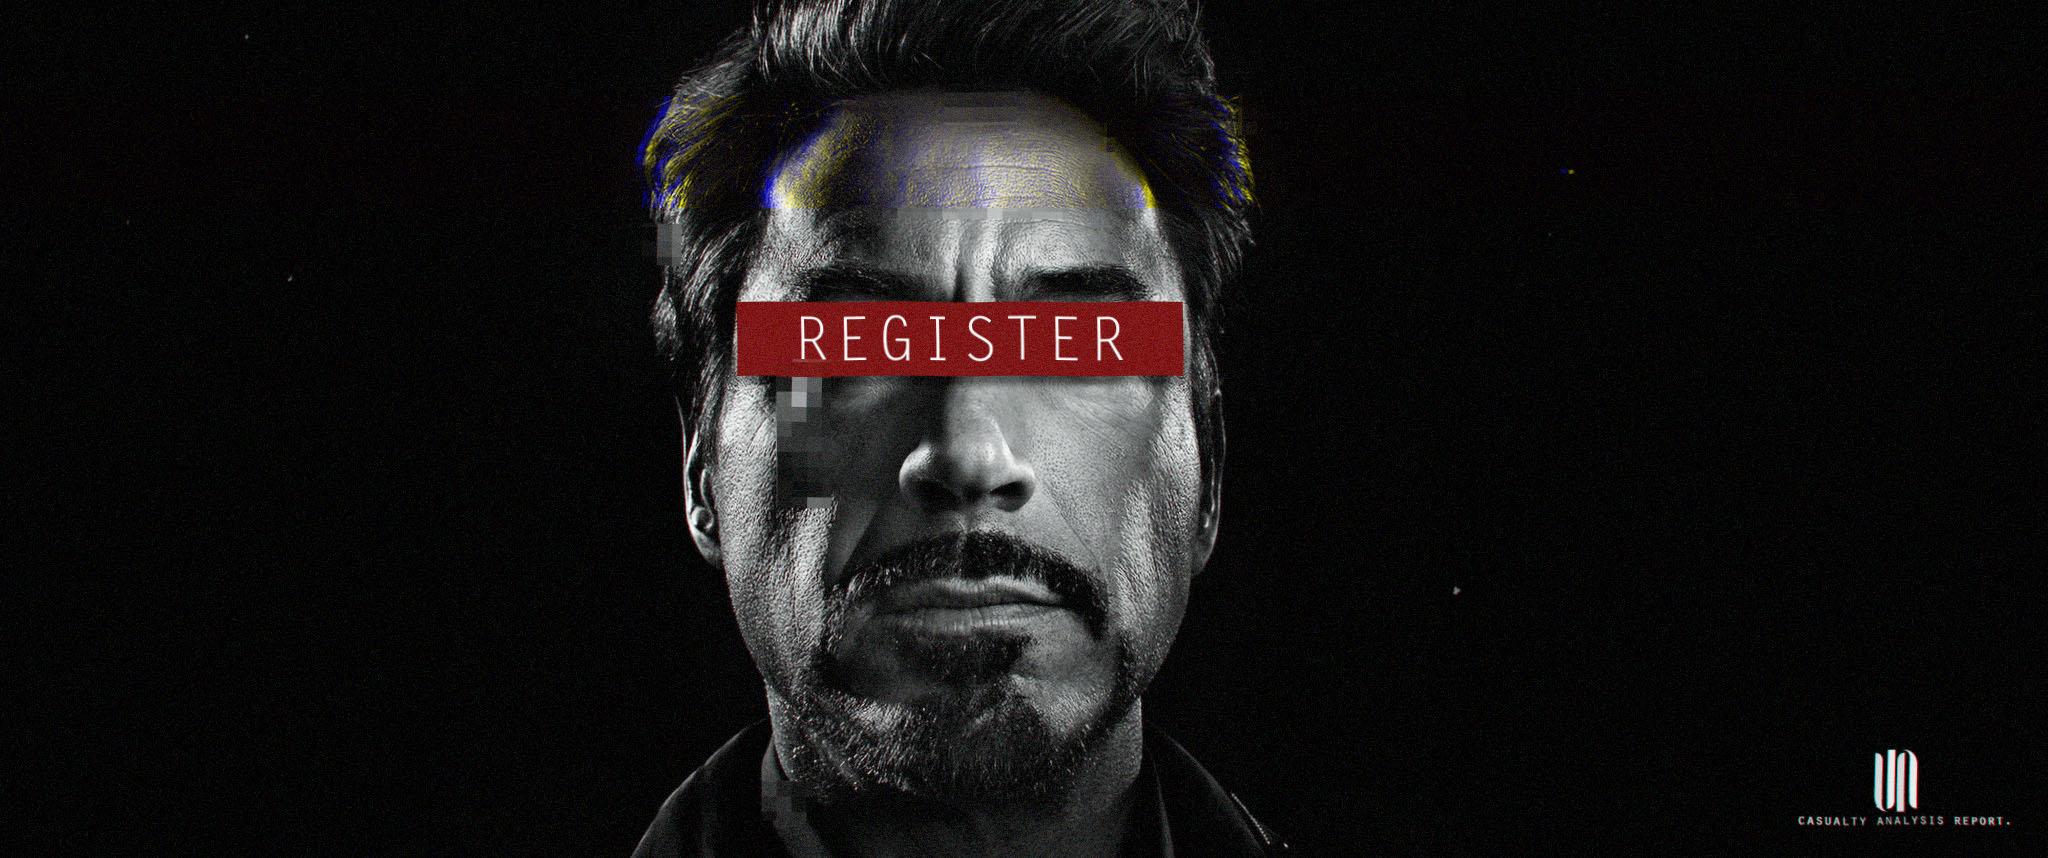 IM_Register_v05.jpg